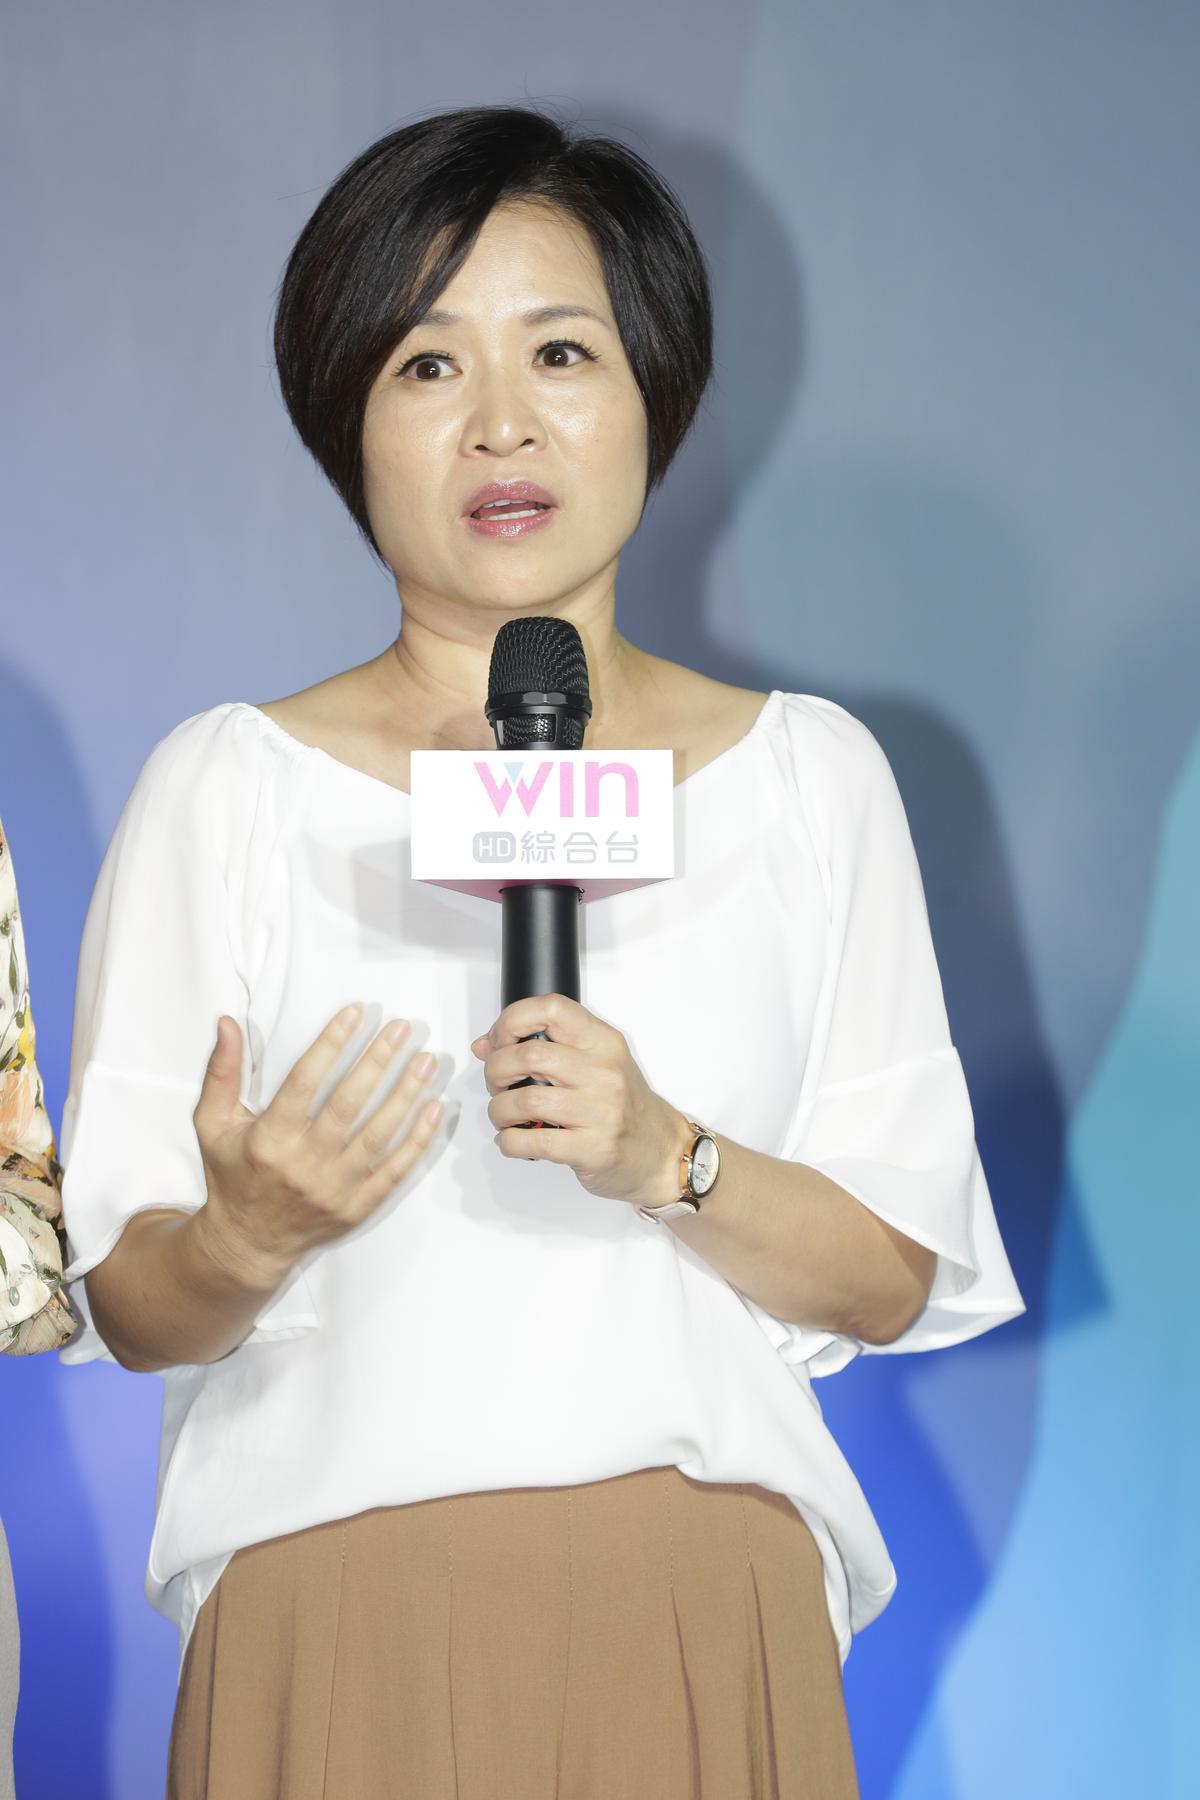 楊月娥出席「台灣HD綜合台」系列節目記者會,因女兒罹血癌,她只能武裝自己出席活動。